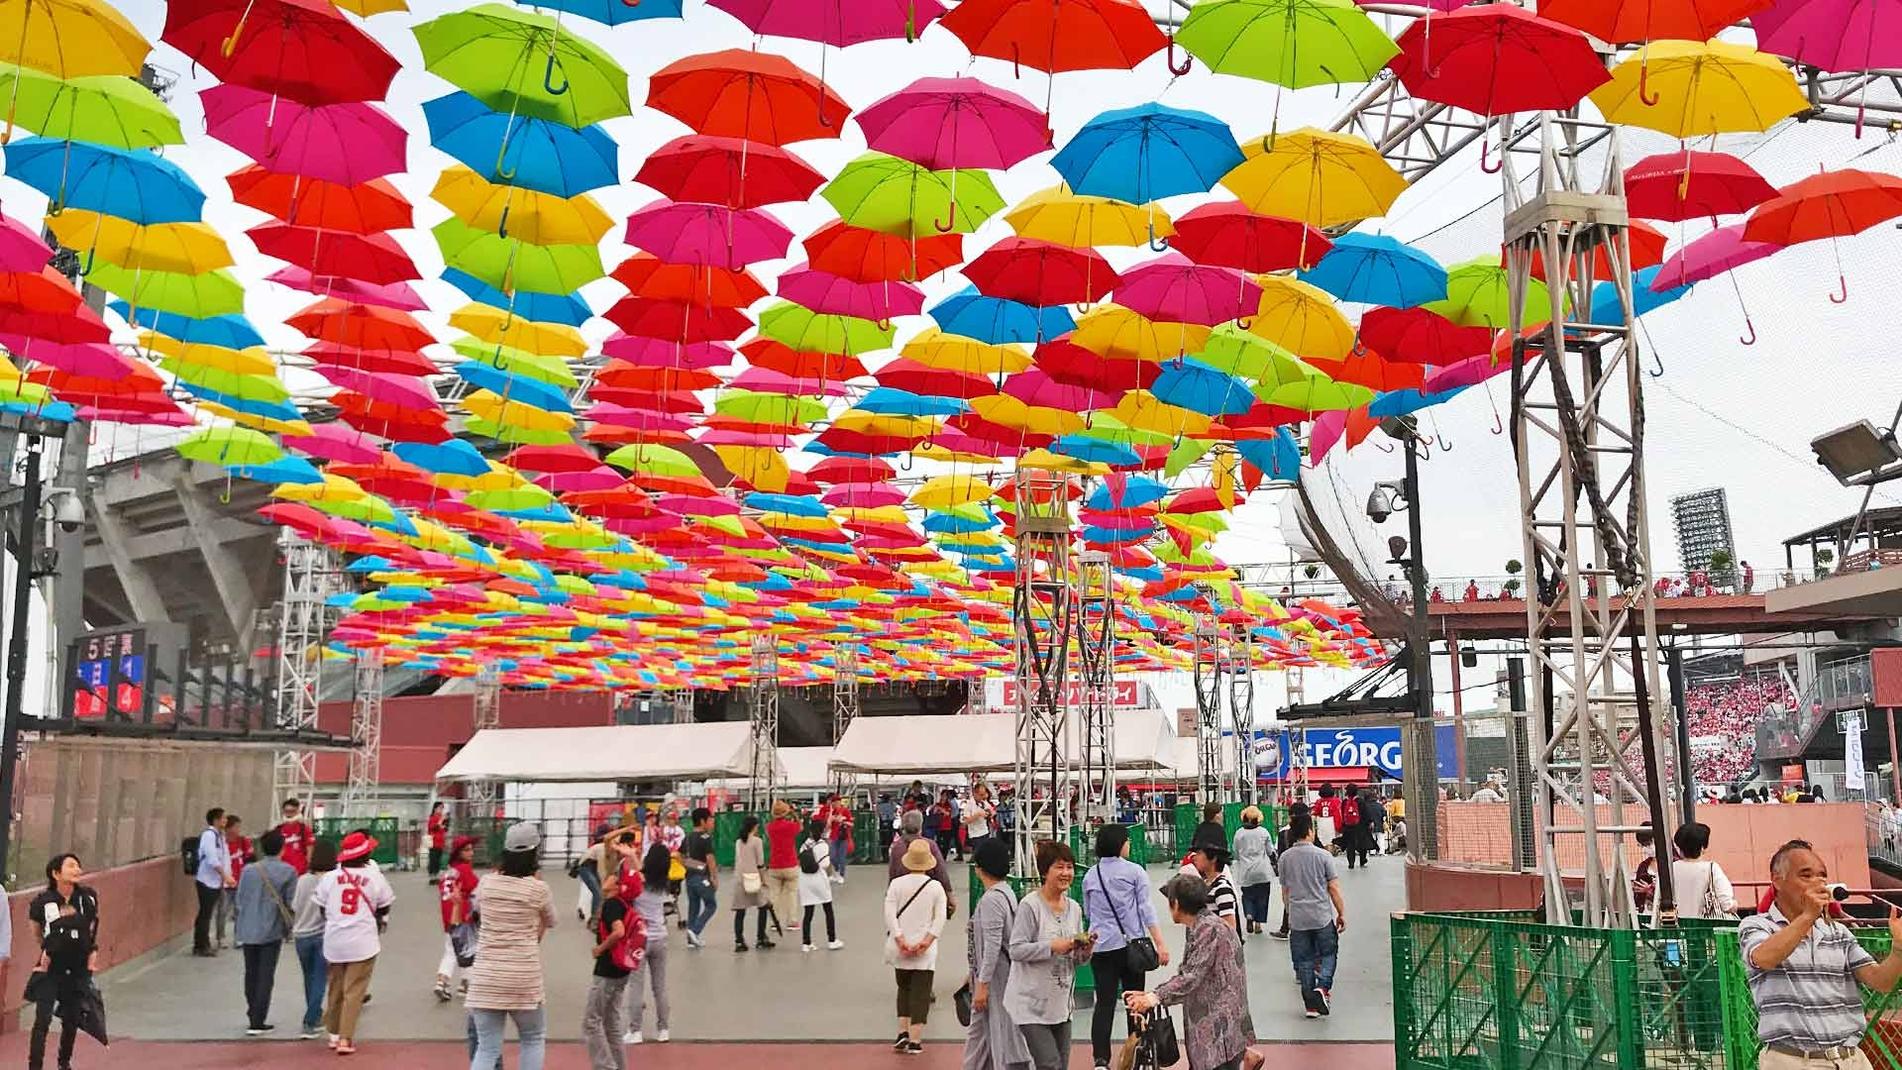 Umbrella Sky Project - Hiroshima'18